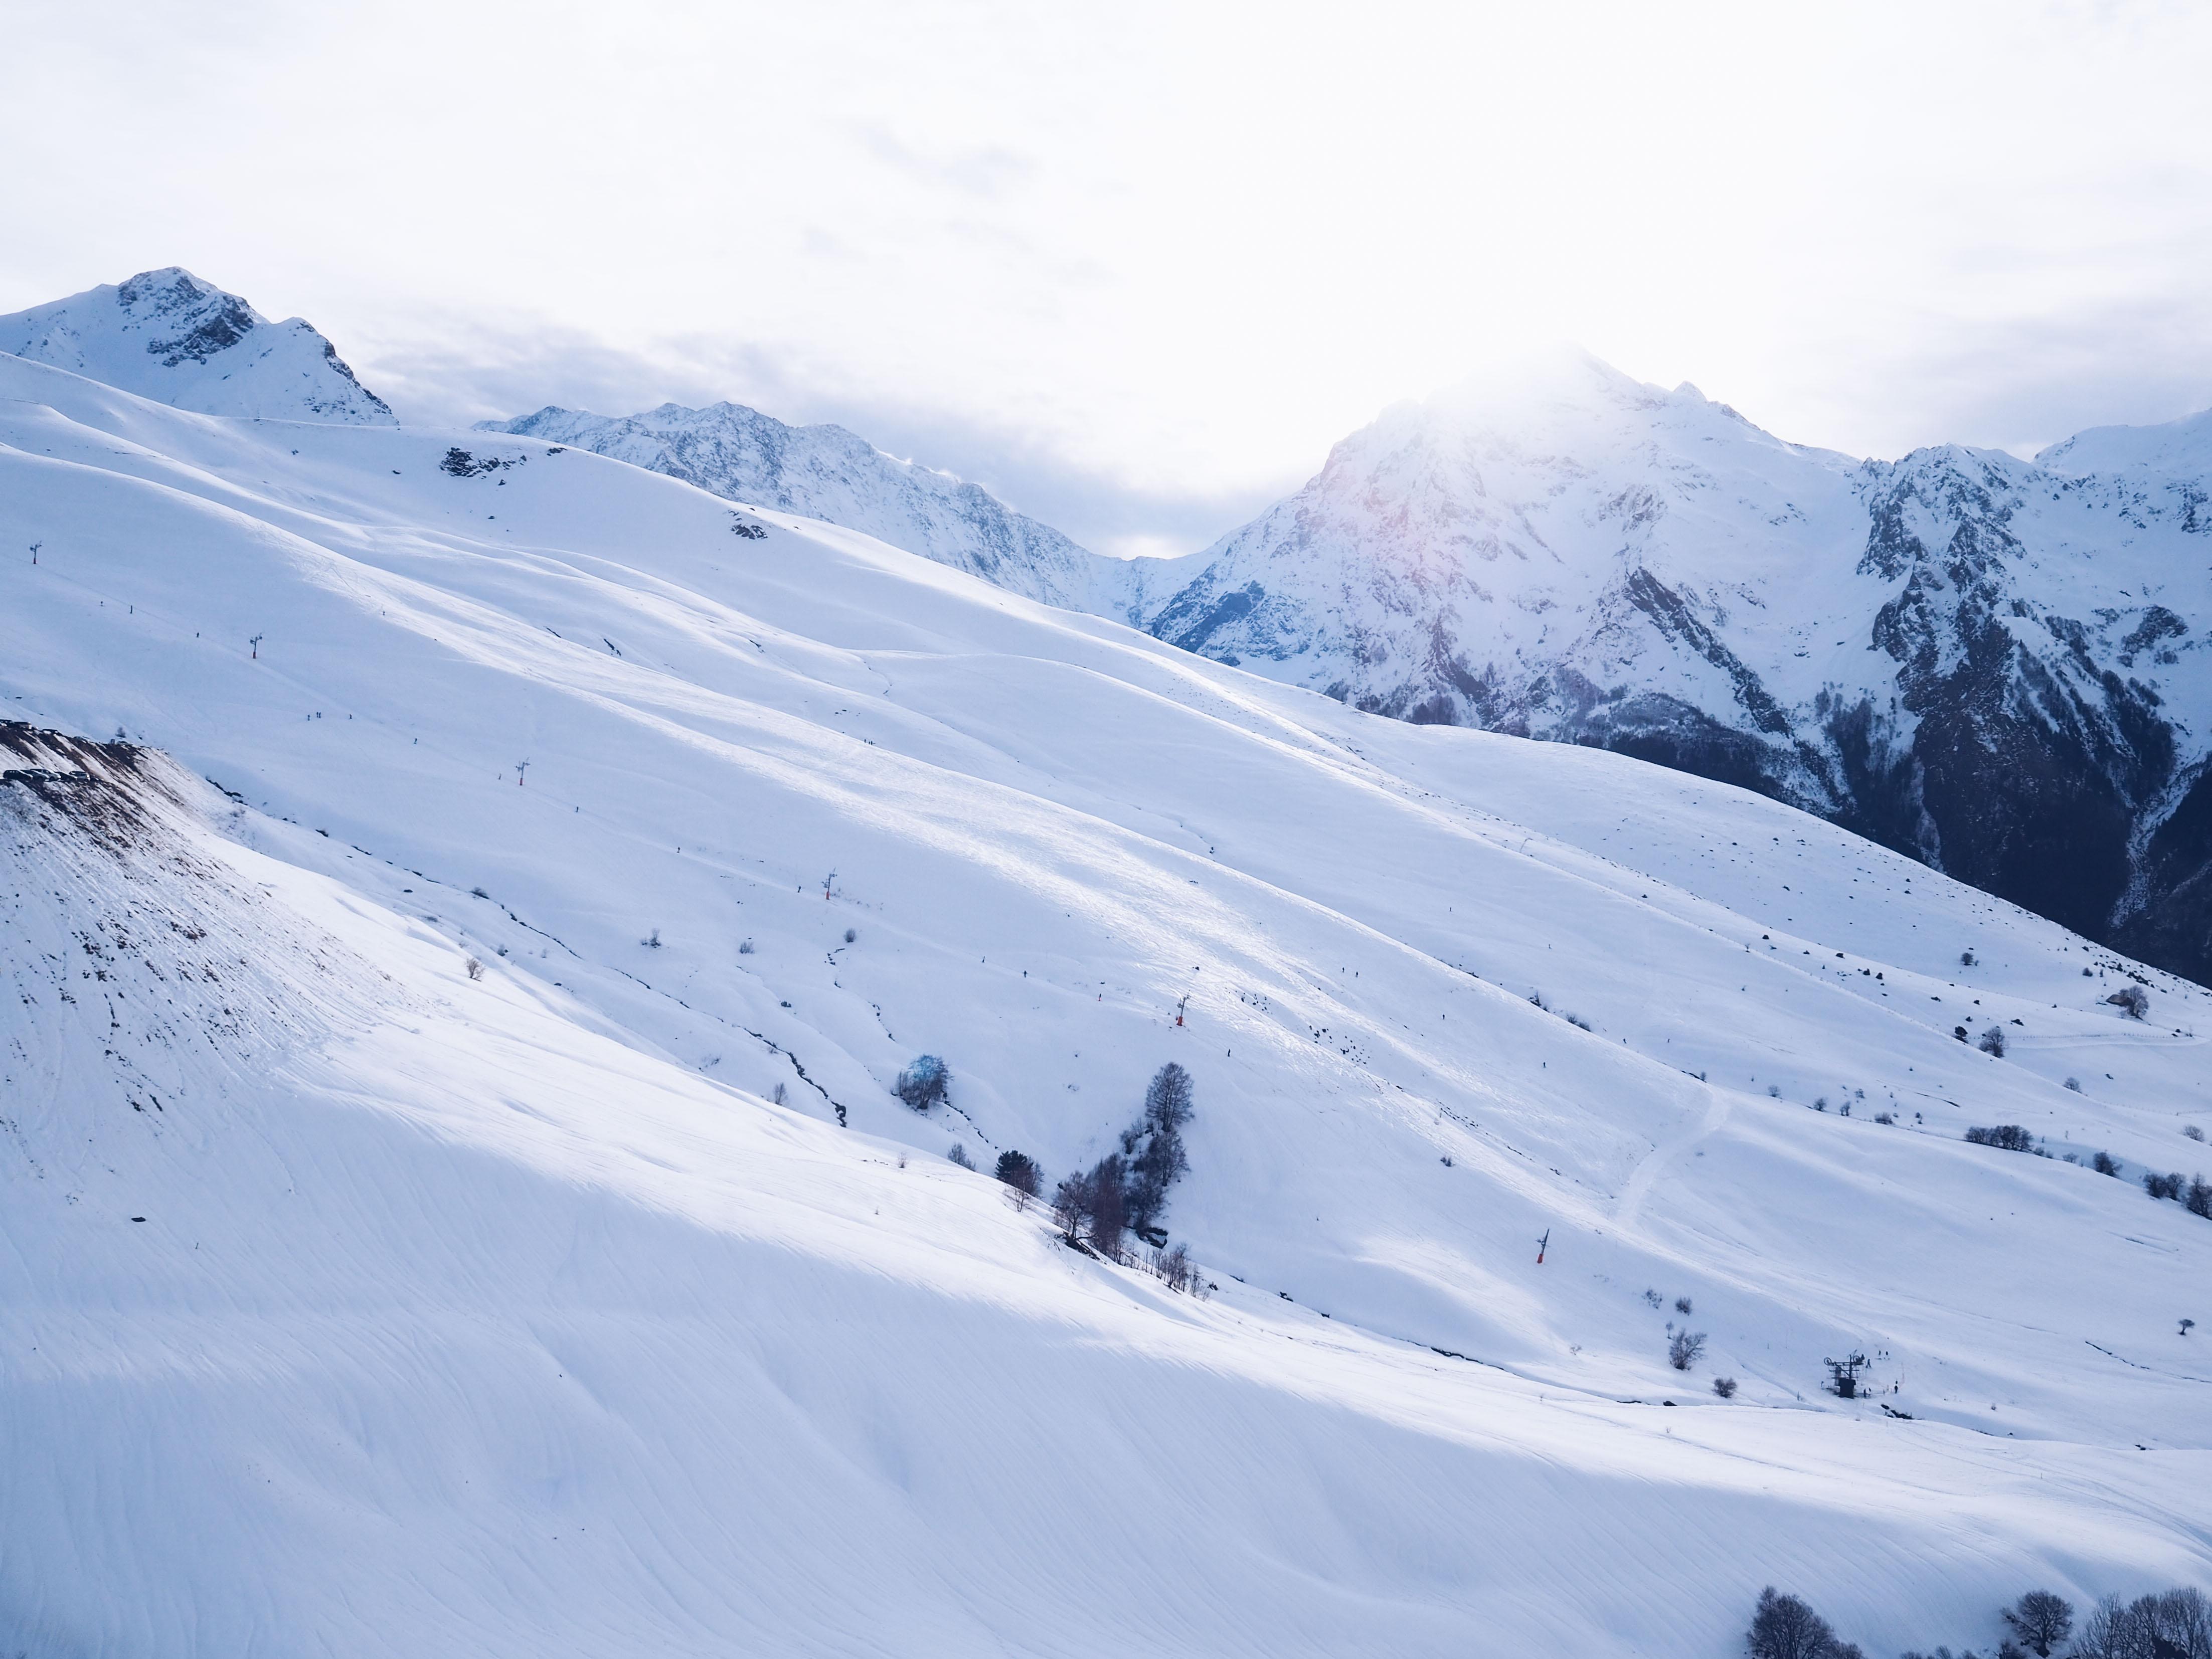 Vacances au ski en famille Hautes Pyrenees bonnes adresses hotel station l La Fiancee du Panda blog mariage et lifestyle-317970